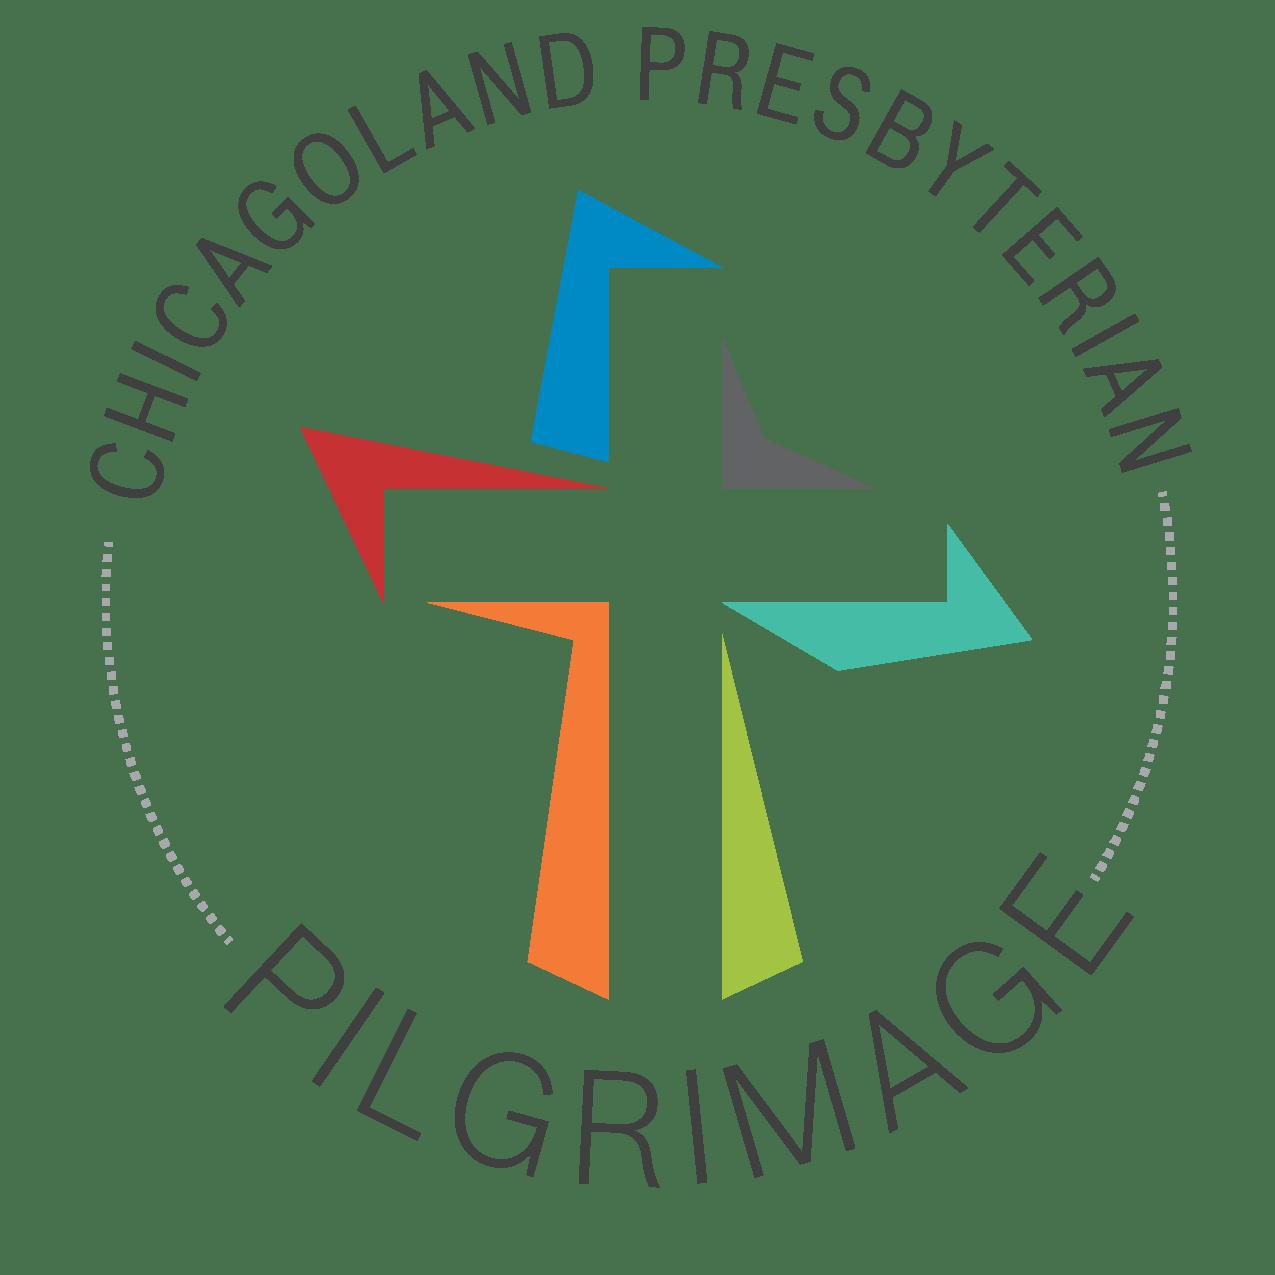 Chicagoland Pilgrimage & Cursillo